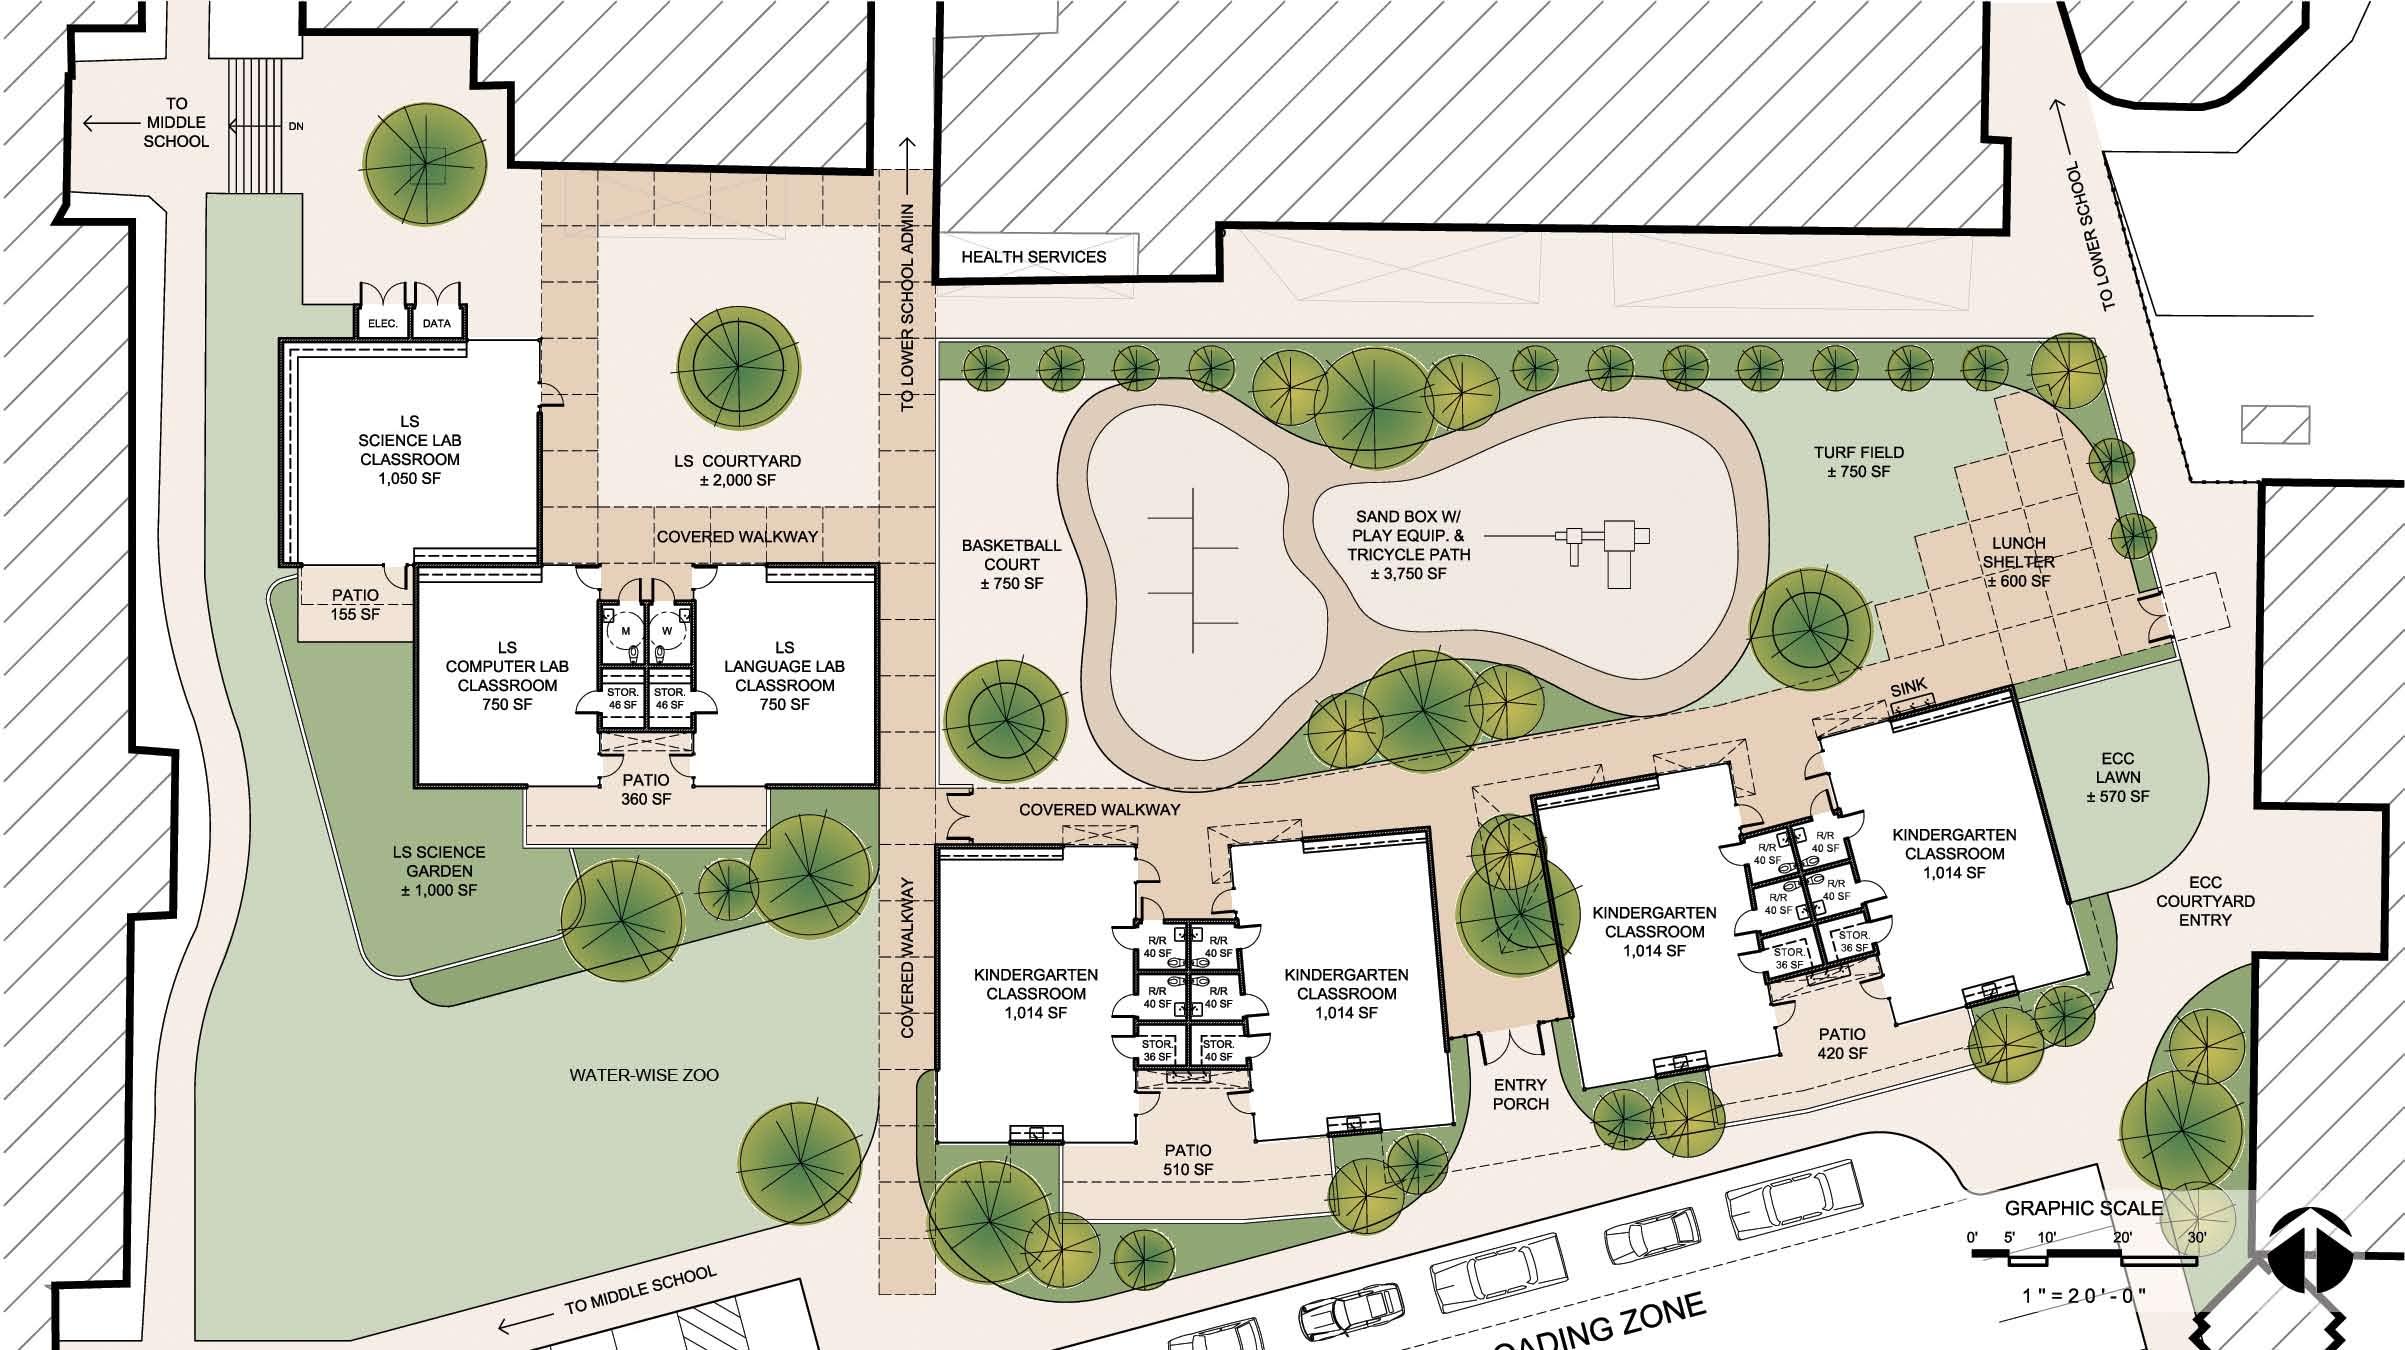 La Jolla Country Day School Kindergarten_Site Plan.jpg